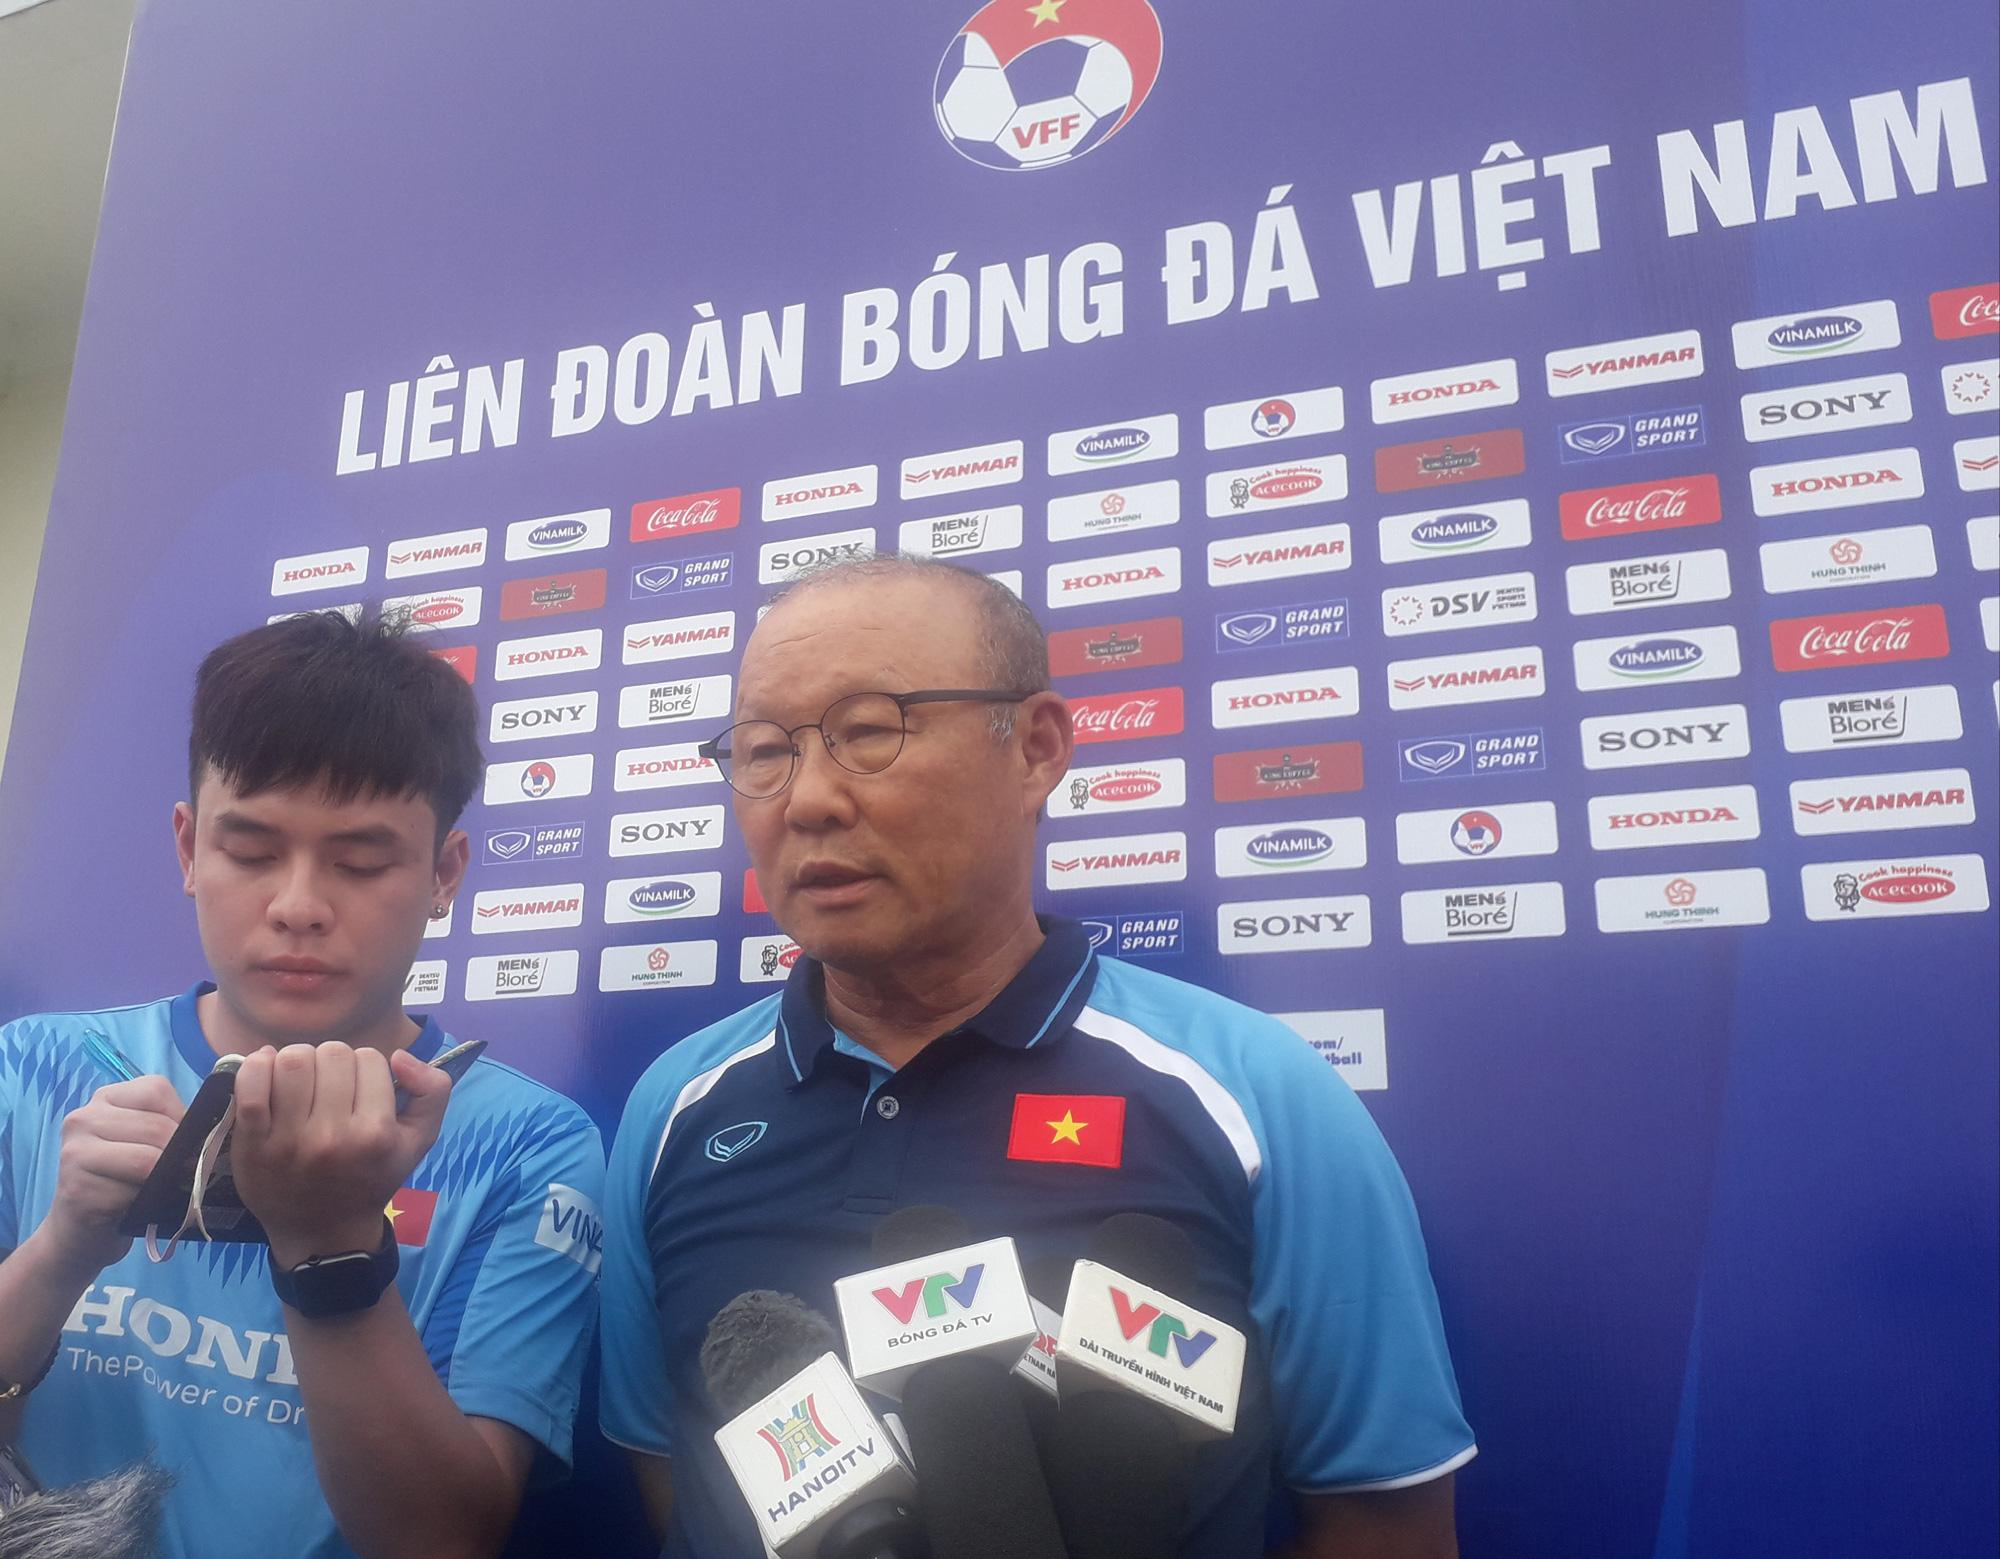 HLV Park Hang-seo bày tỏ nỗi nhớ 5 ngôi sao bóng đá Việt Nam - Ảnh 3.